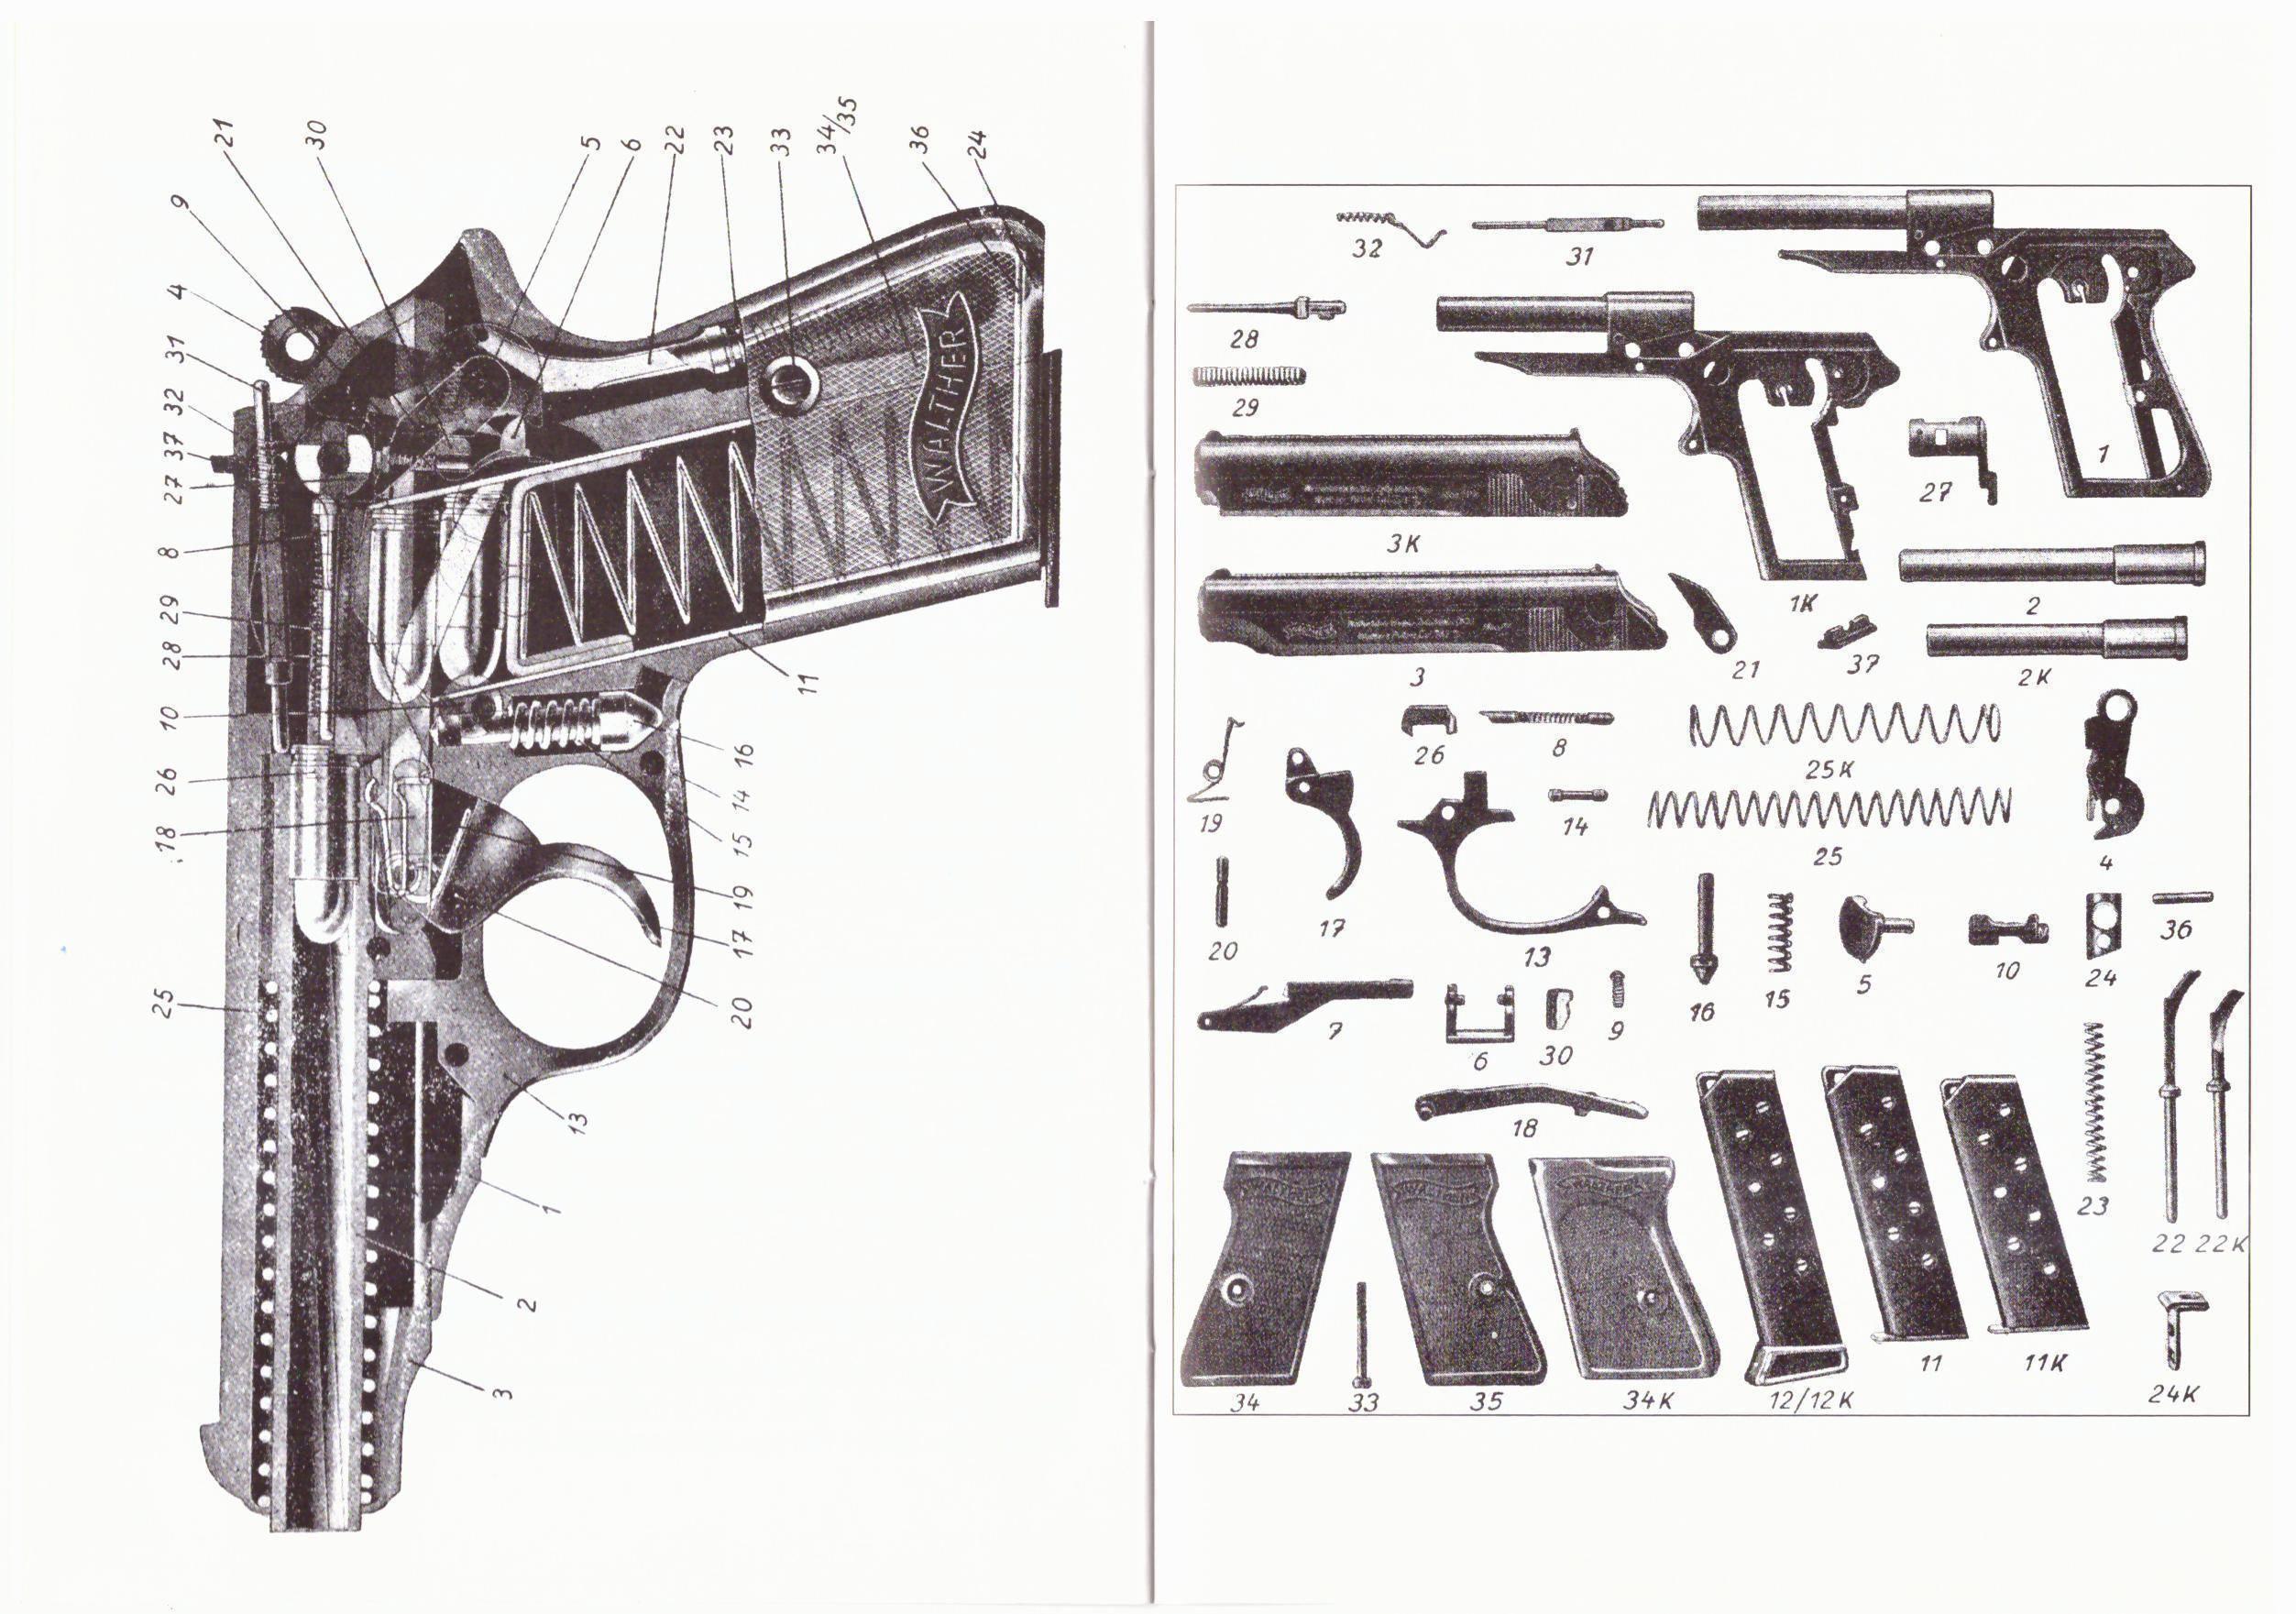 Фирма вальтер история развития. немецкий пистолет вальтер: основные характеристики и обзор модификаций